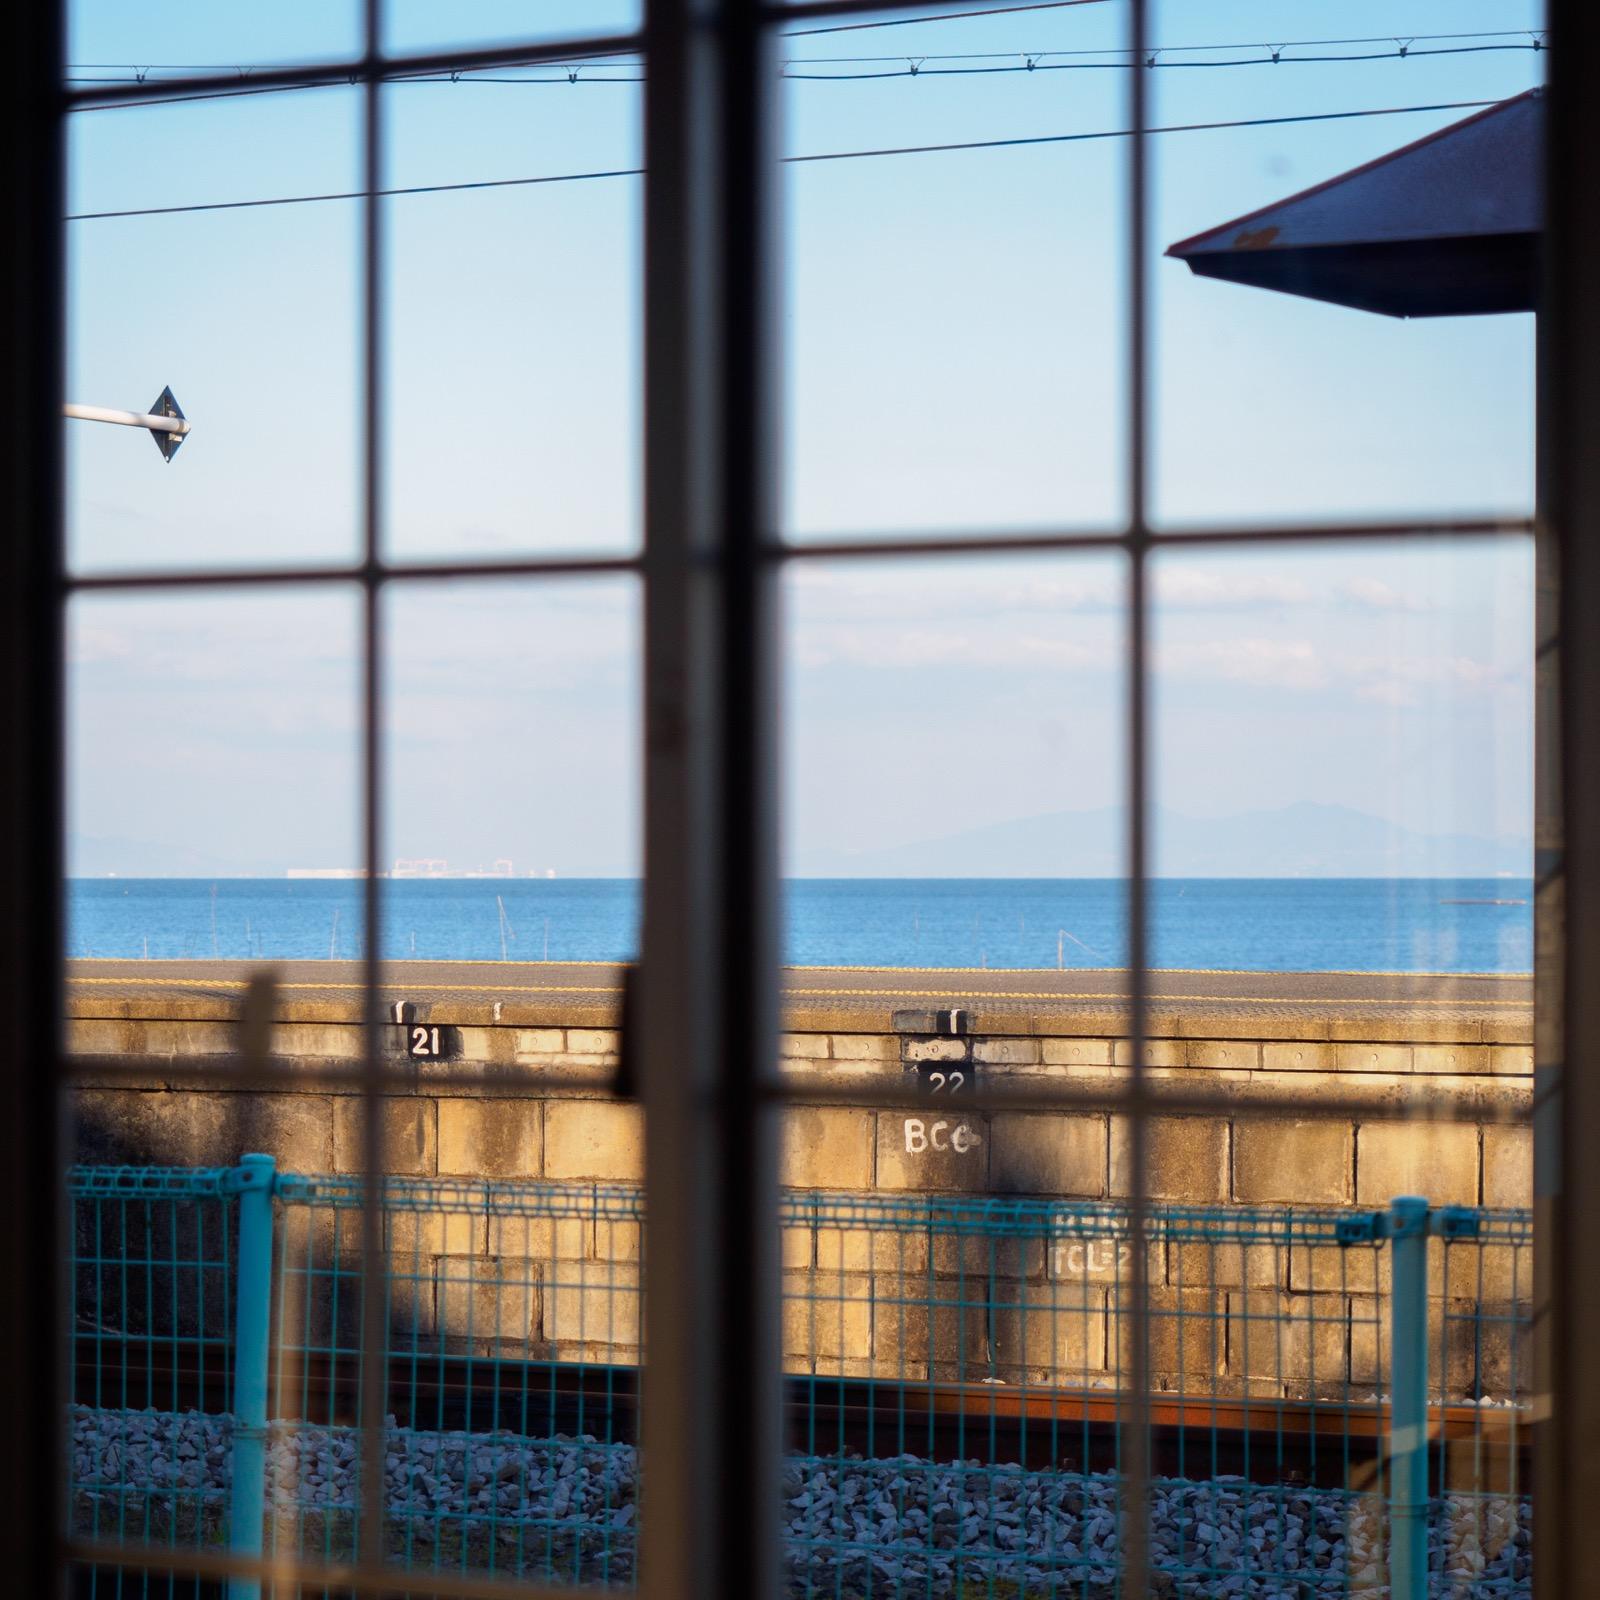 小長井駅の駅舎から見た諫早湾